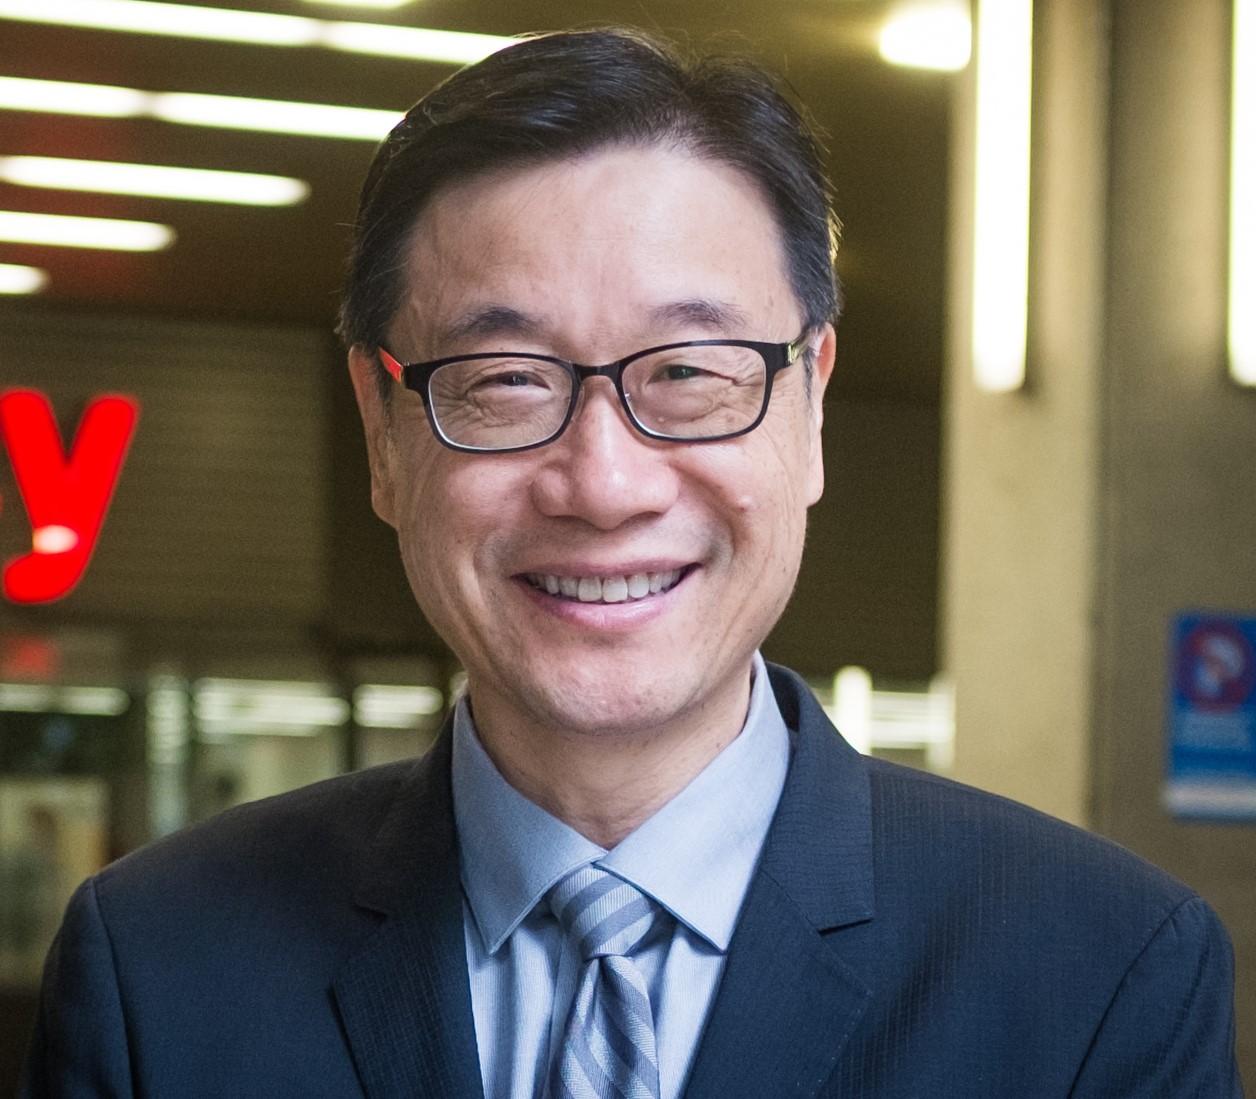 Ausfall: Außerordentliche Ringvorlesung mit Herrn Prof. Dr. Kendall Ho